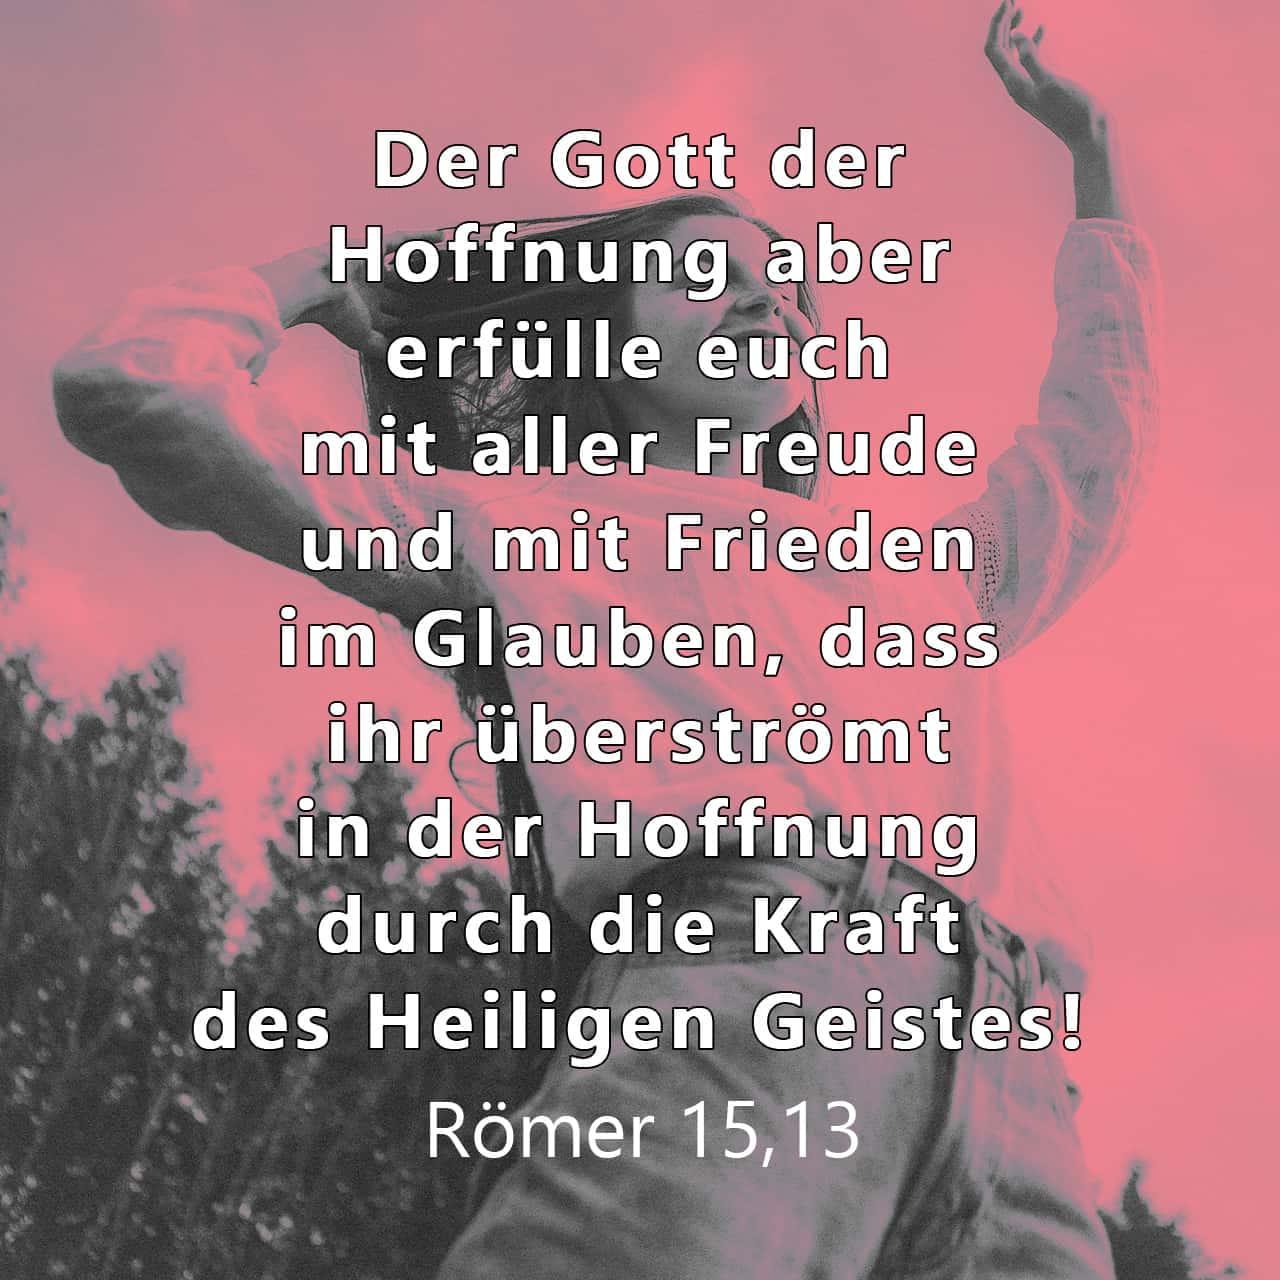 Deshalb wünsche ich für euch alle, dass Gott, der diese Hoffnung schenkt, euch in eurem Glauben mit großer Freude und vollkommenem Frieden erfüllt, damit eure Hoffnung durch die Kraft des Heiligen Geistes wachse. - Versbild für Römer 15,13